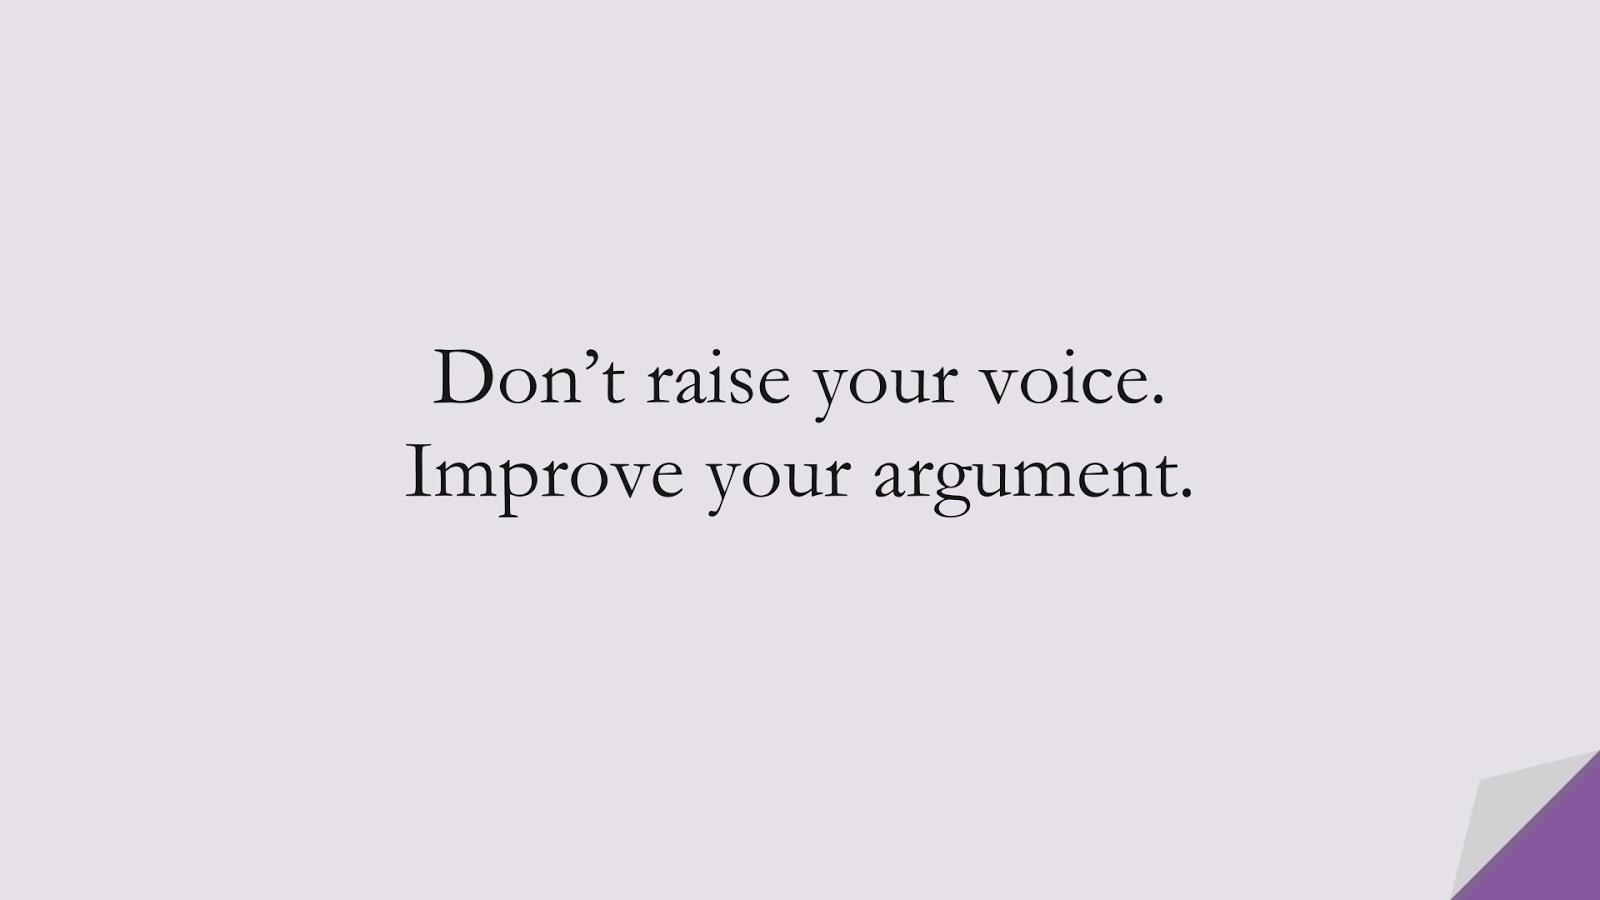 Don't raise your voice. Improve your argument.FALSE